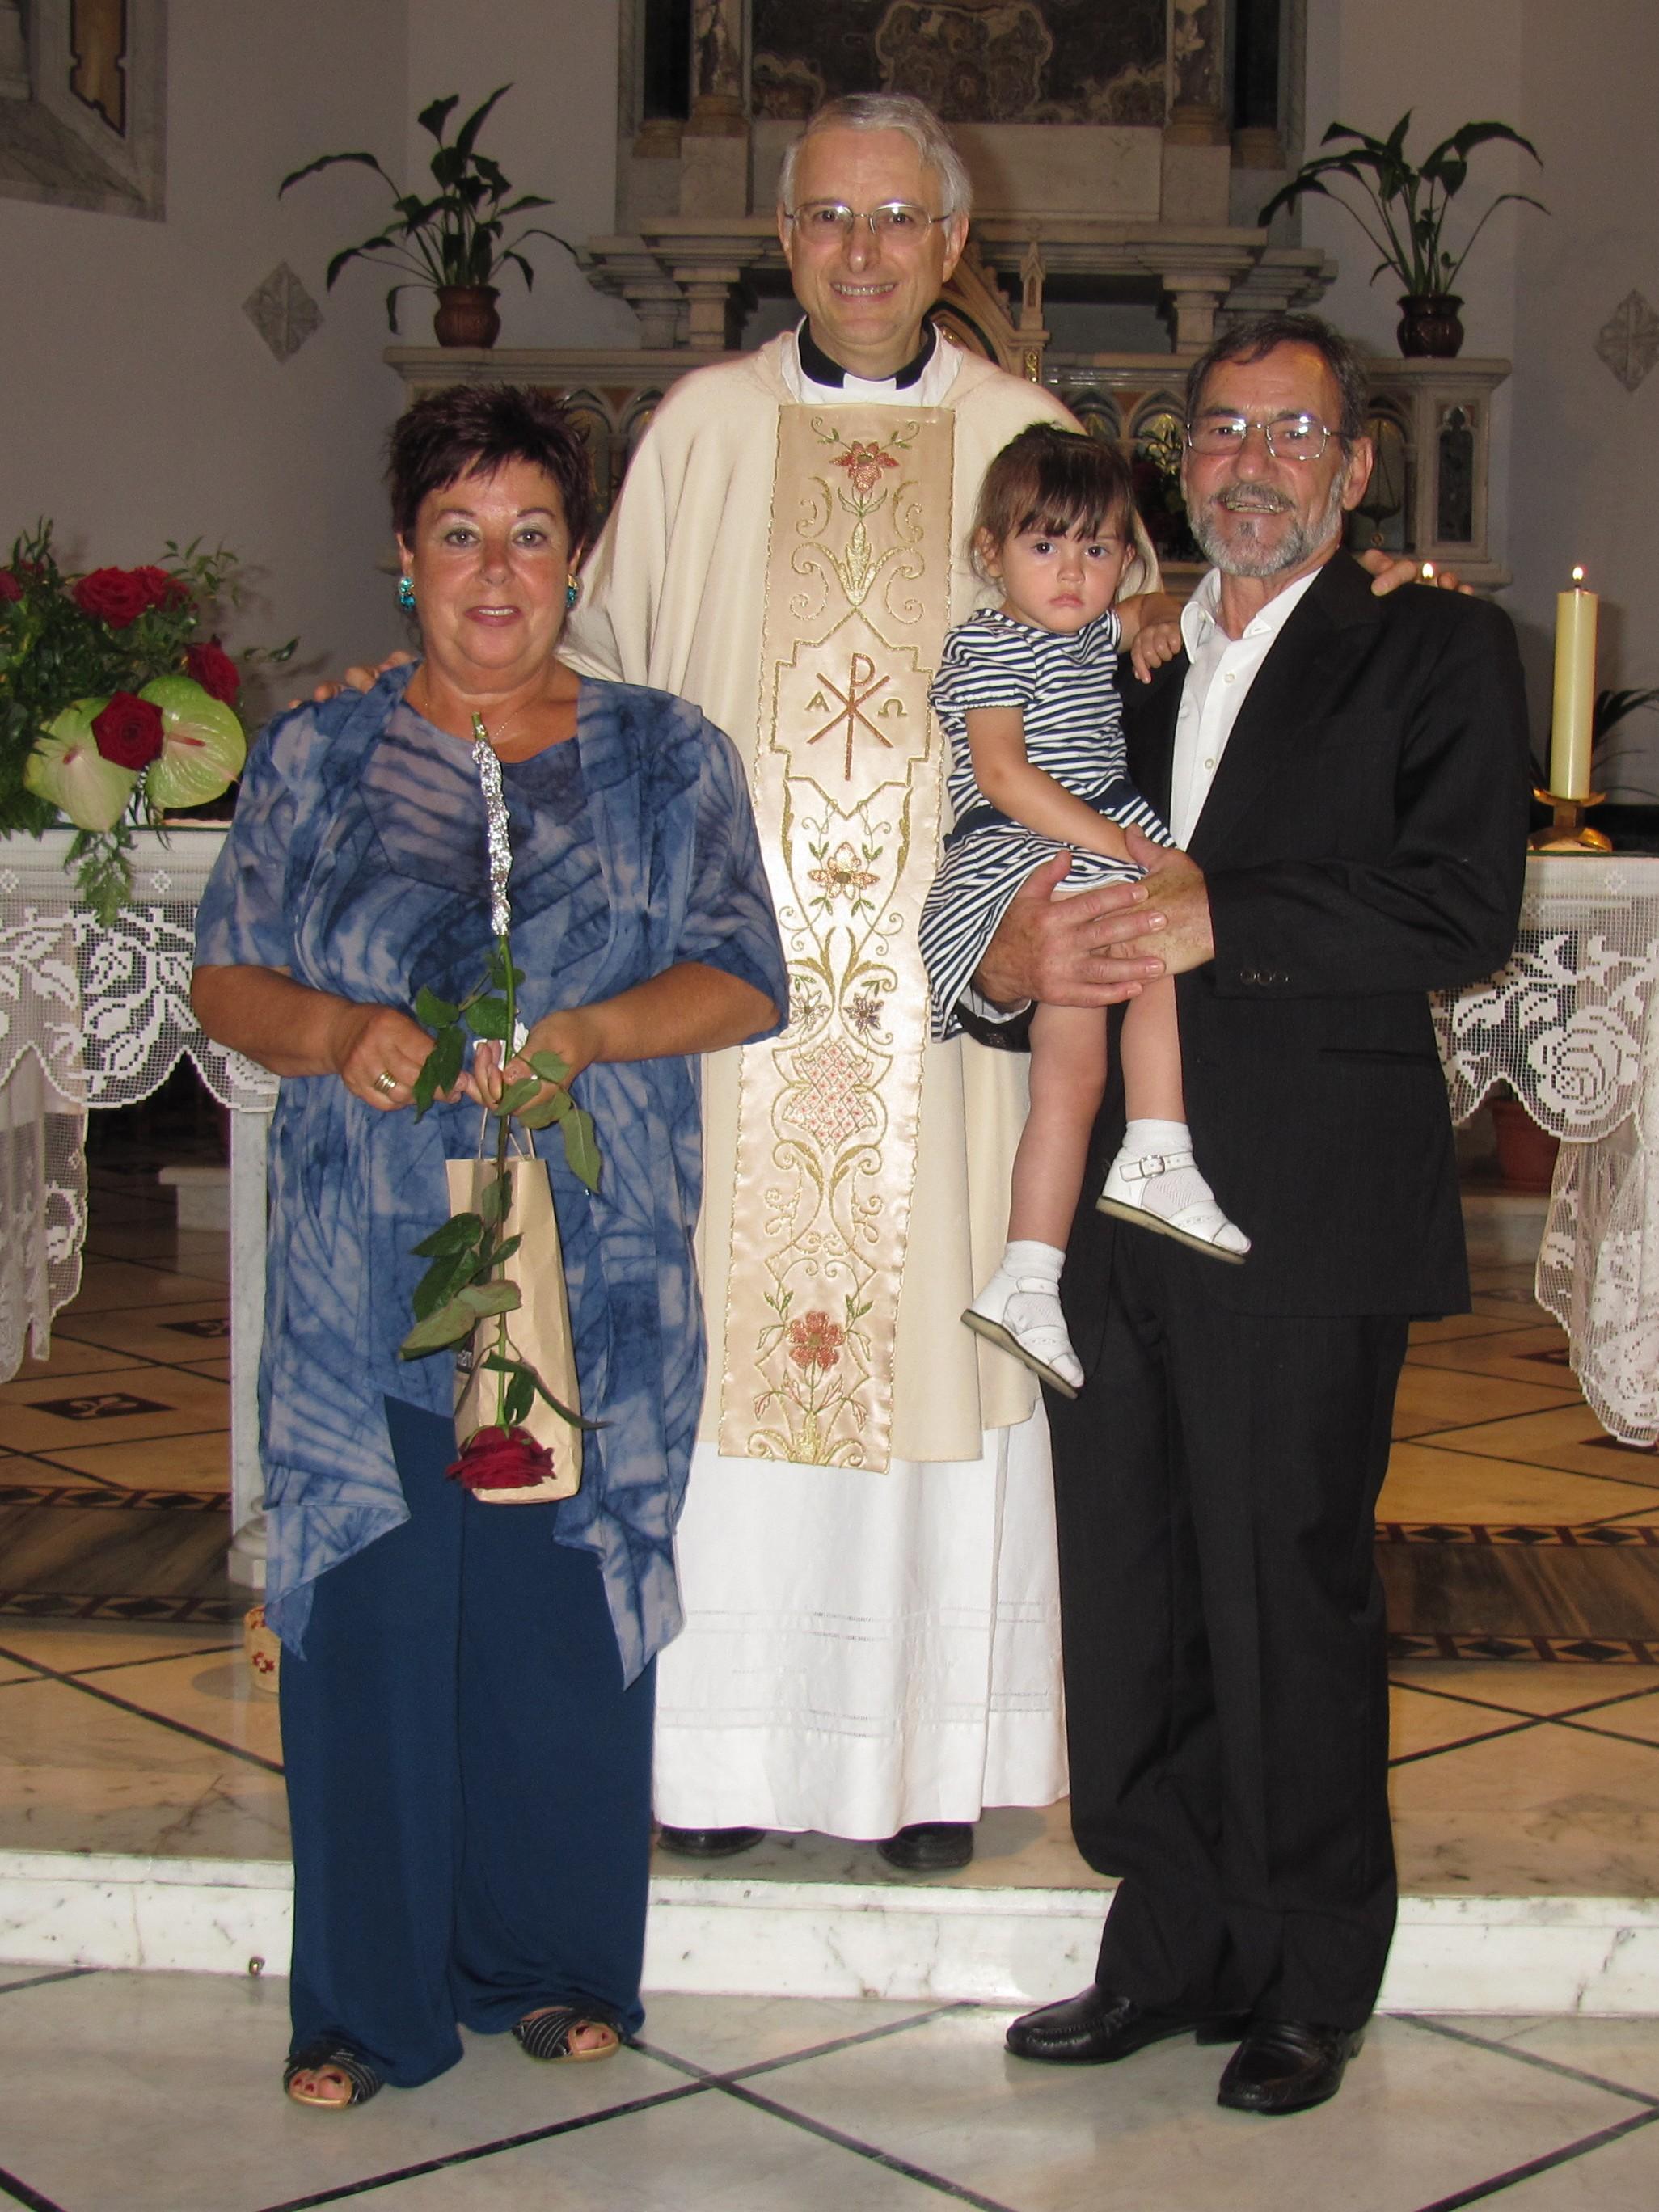 anniversari_matrimonio-2011-06-05-12-25-37